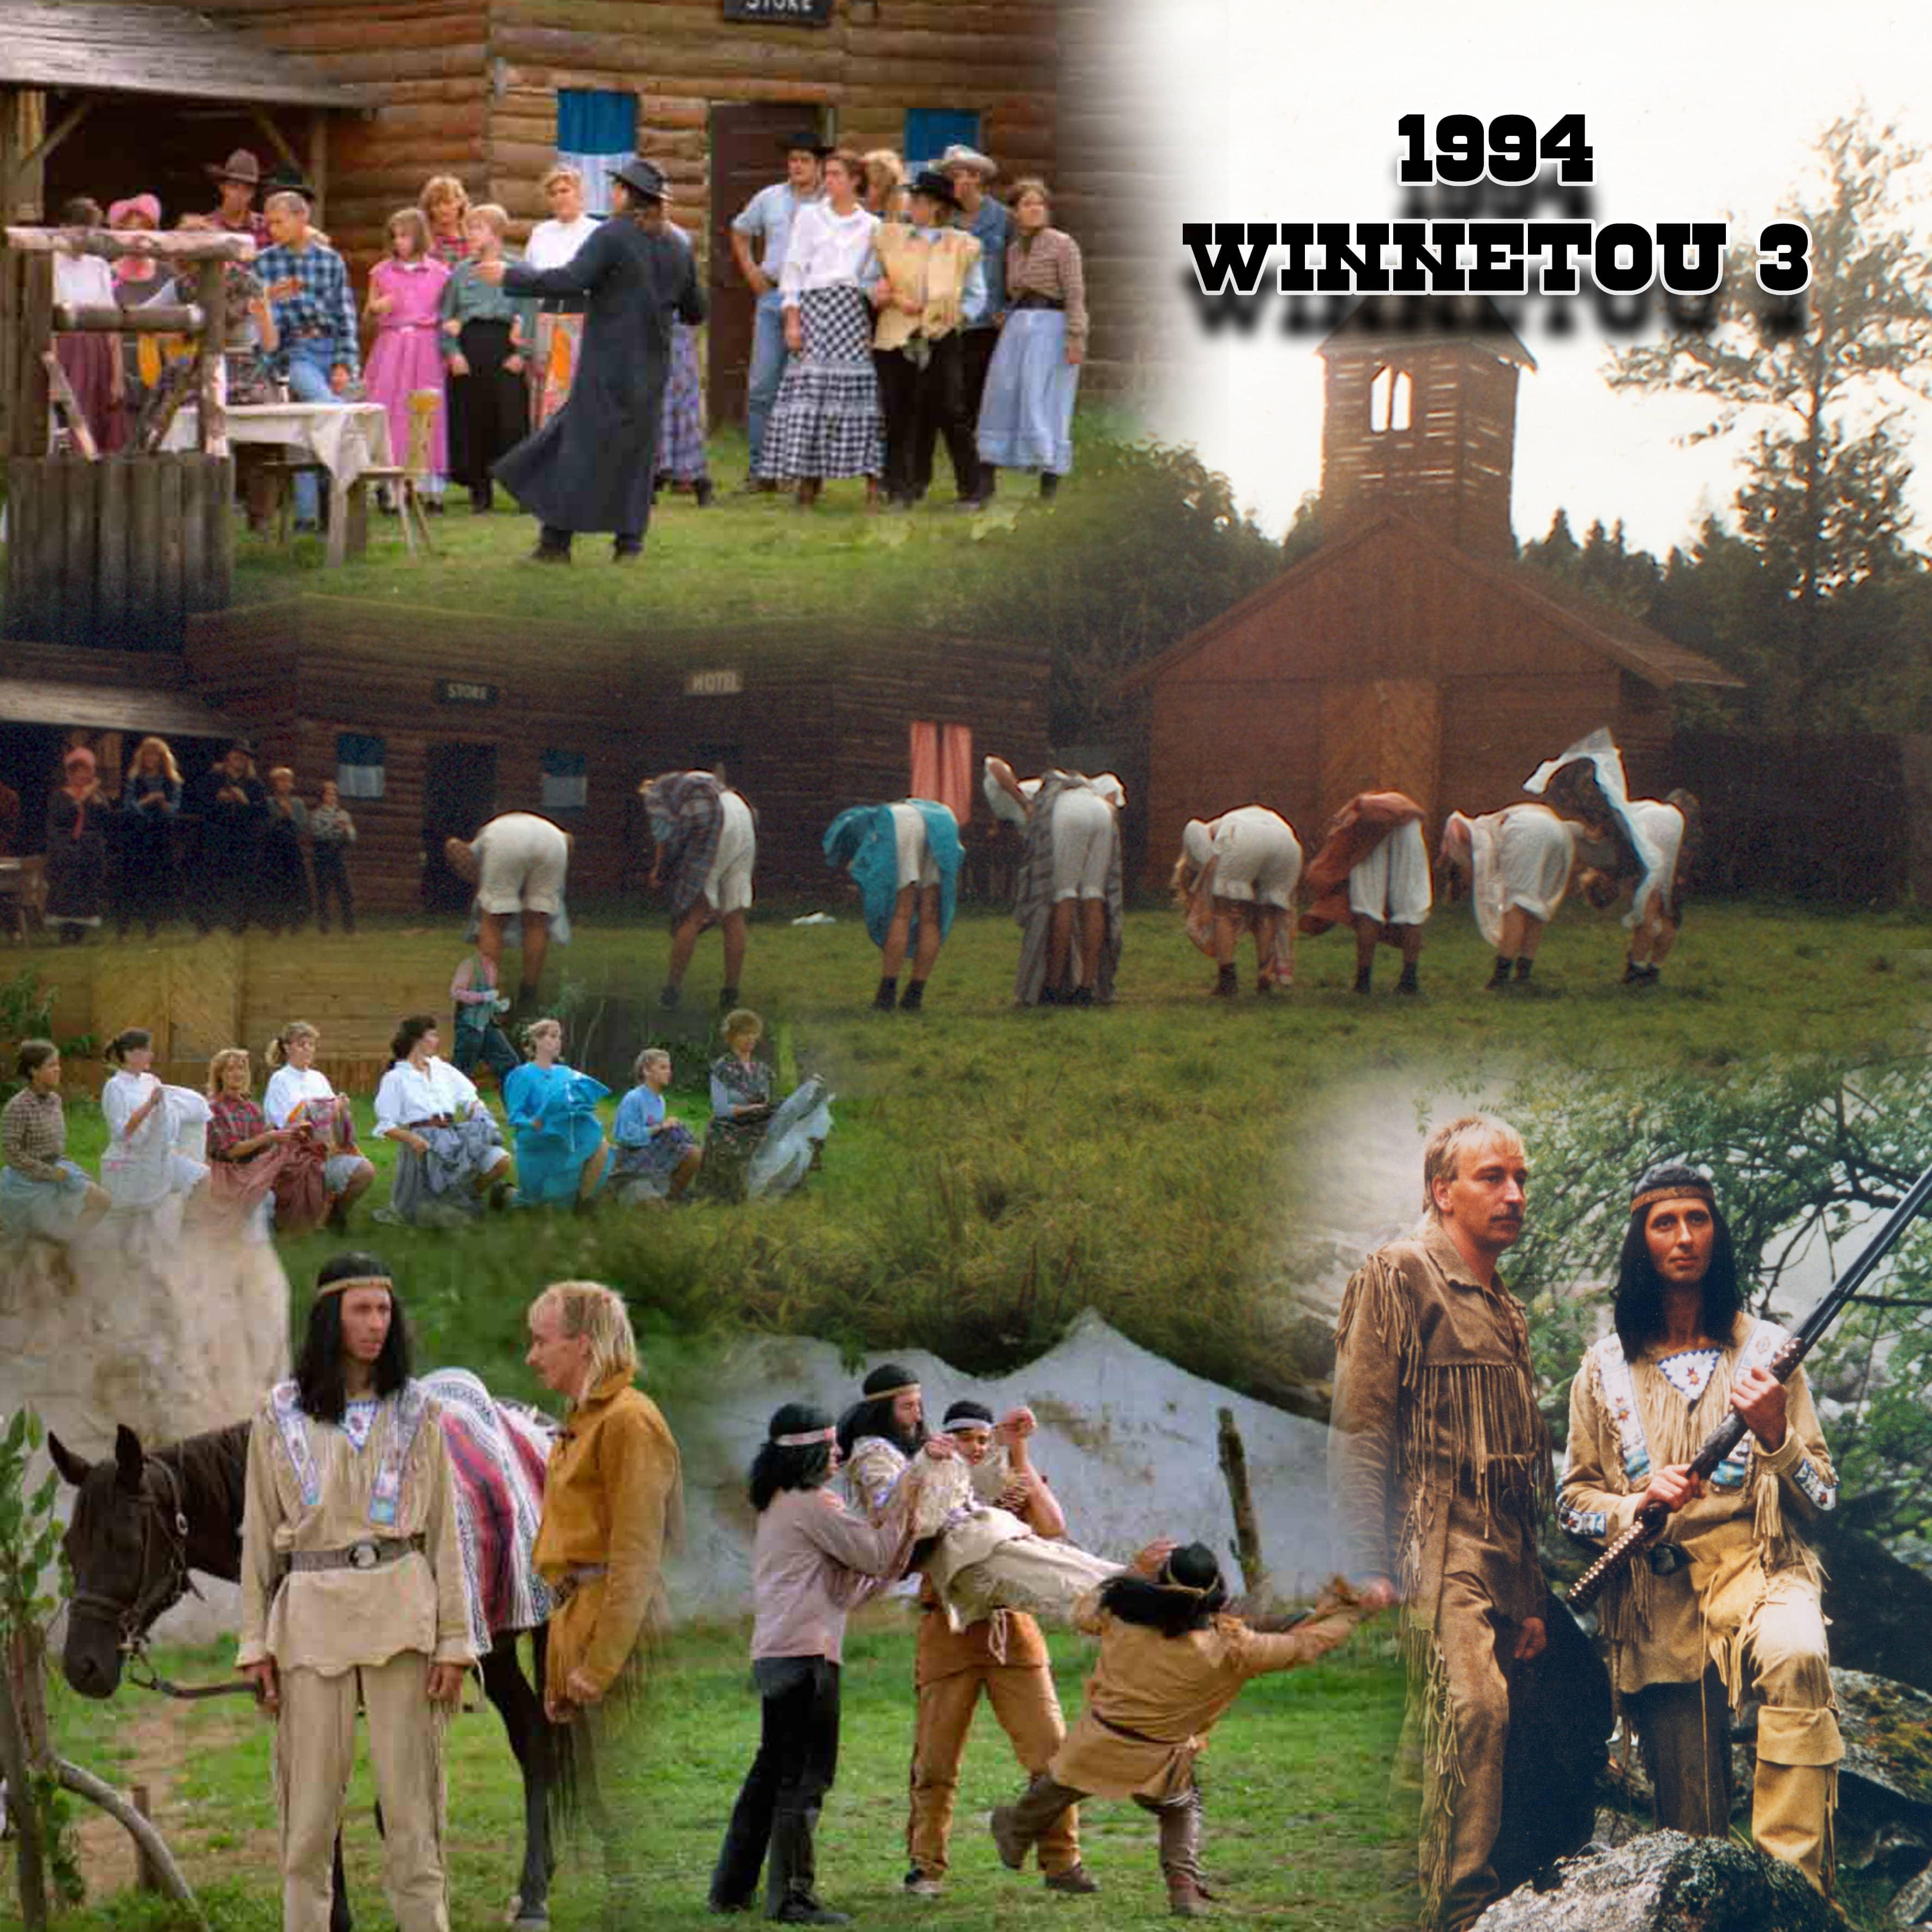 1994 - Winnetou 3